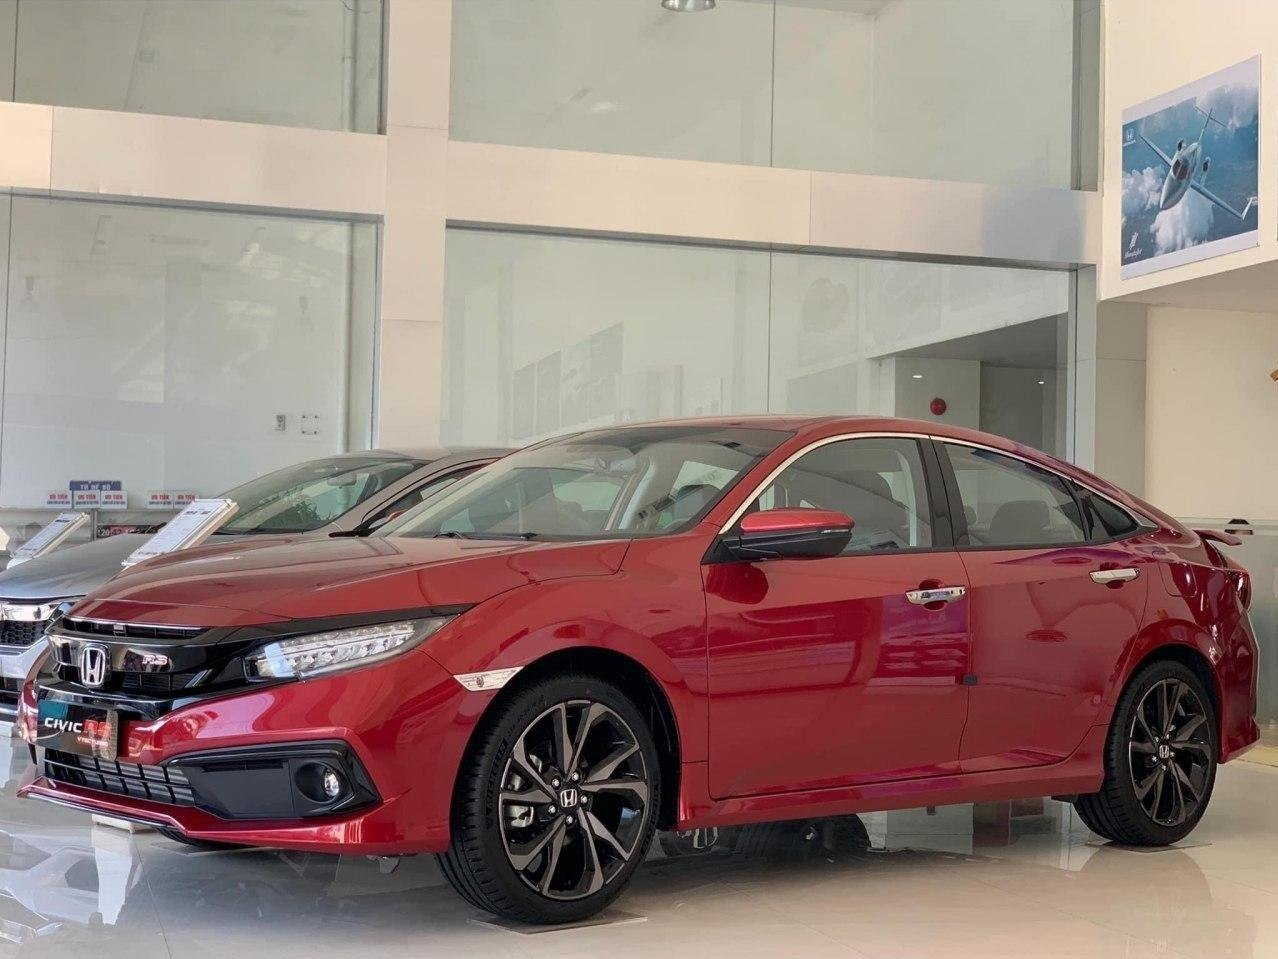 Giá xe Honda Civic 2021 mới nhất tại Việt Nam...